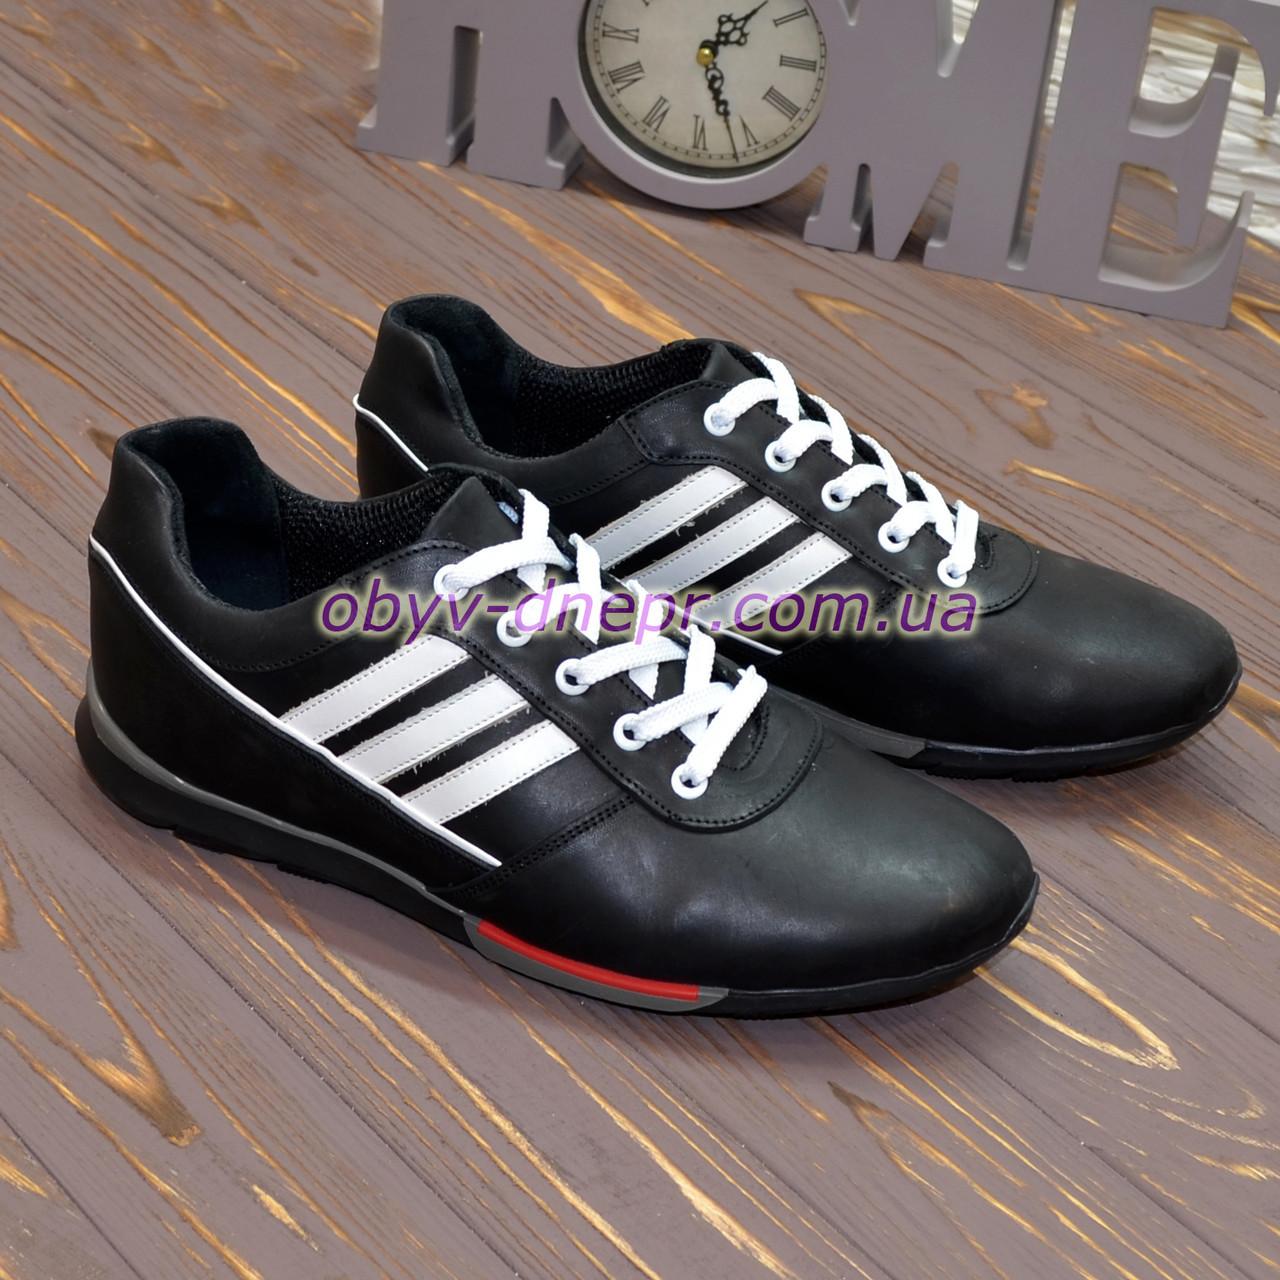 Кроссовки кожаные мужские на шнуровке, цвет черный